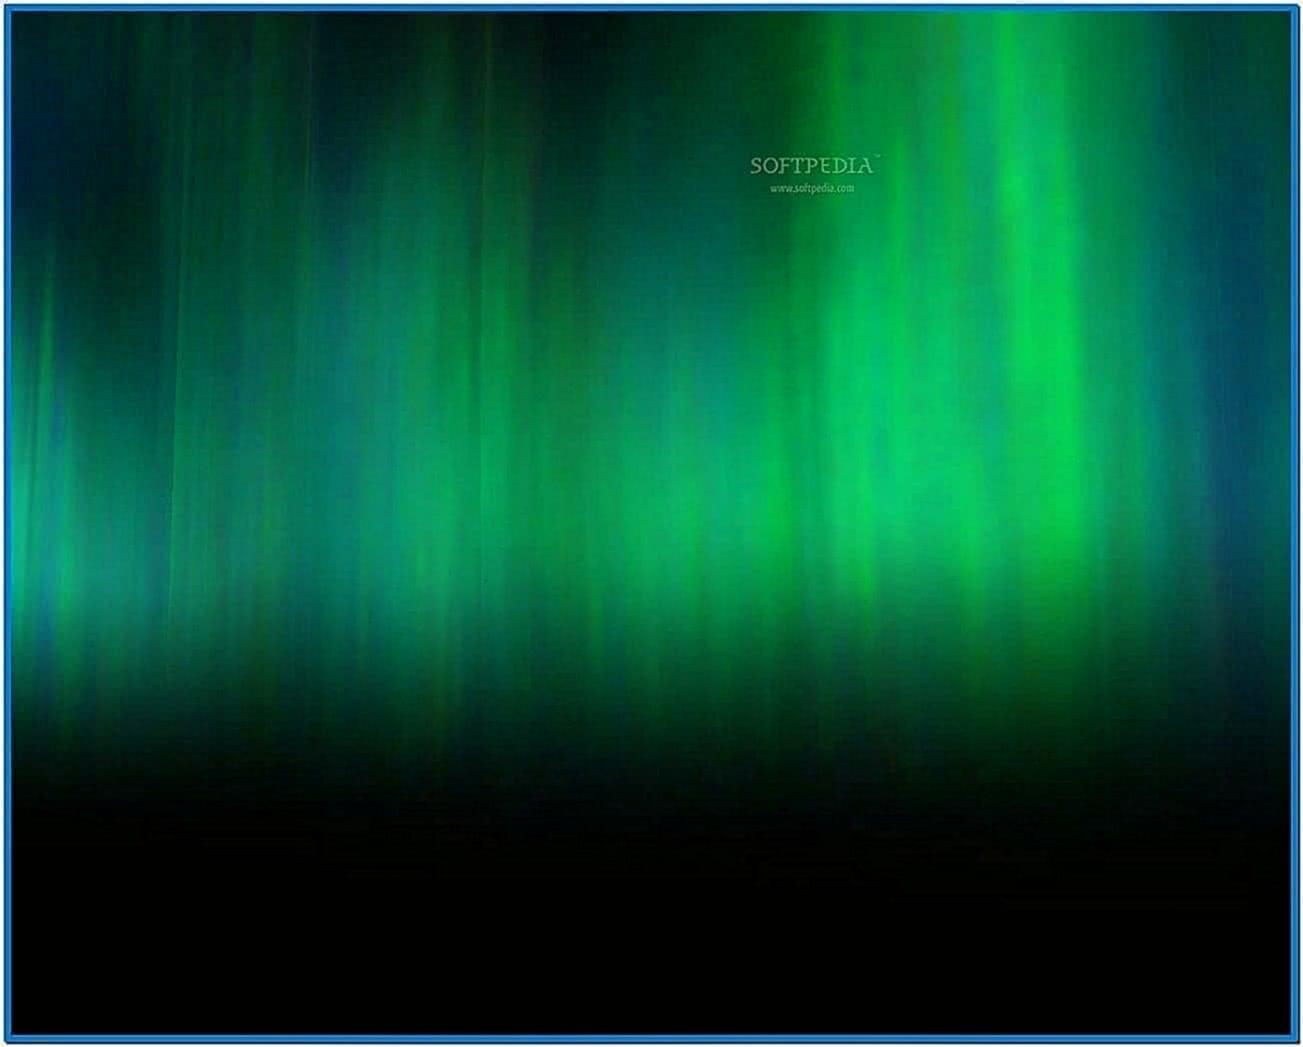 Photo Screensaver Vista